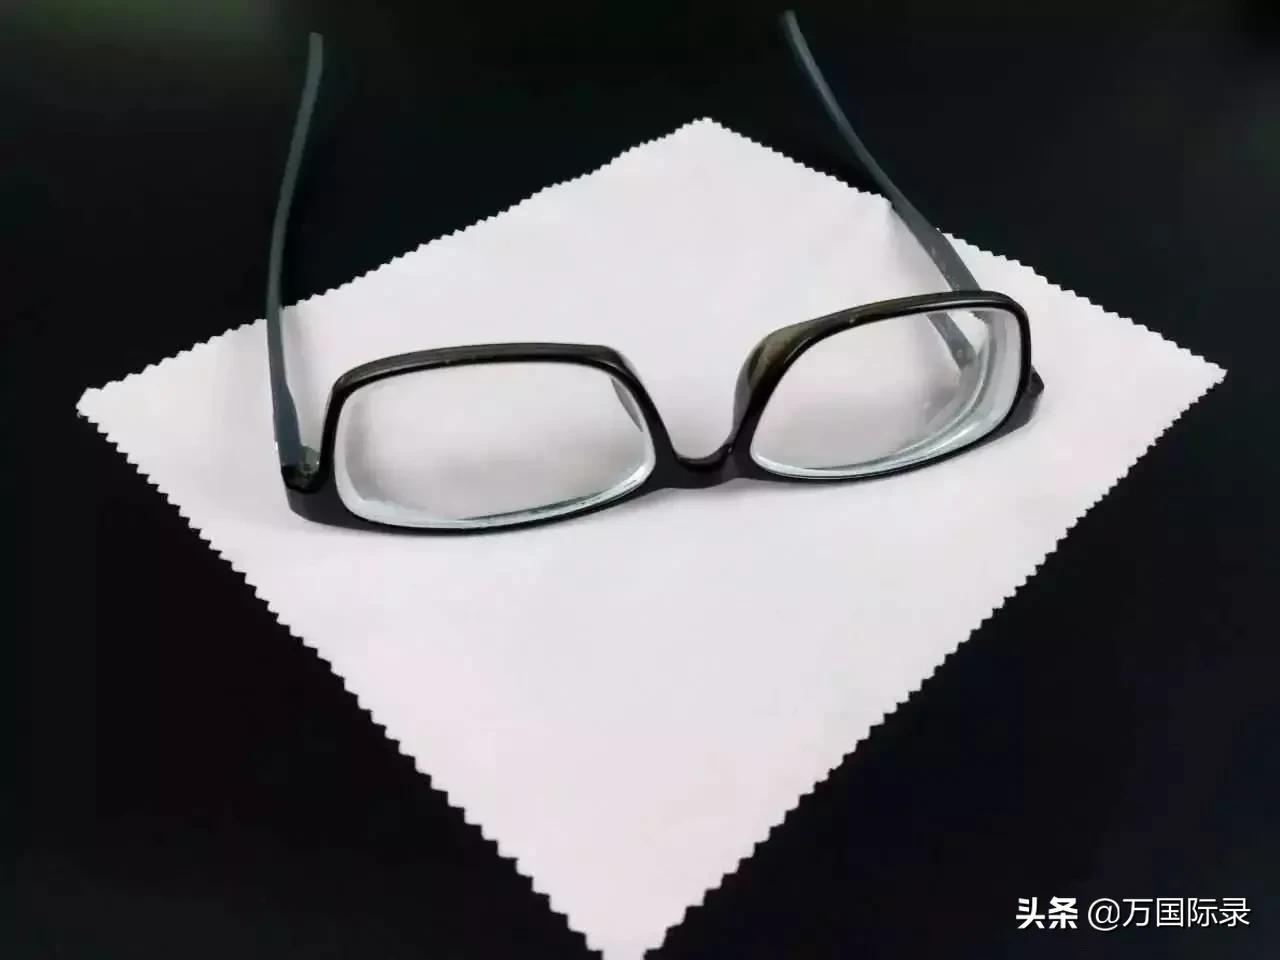 眼镜怎么擦都模糊?那是你方法不对,注意这2点眼镜立马干净明亮 家务卫生 第3张